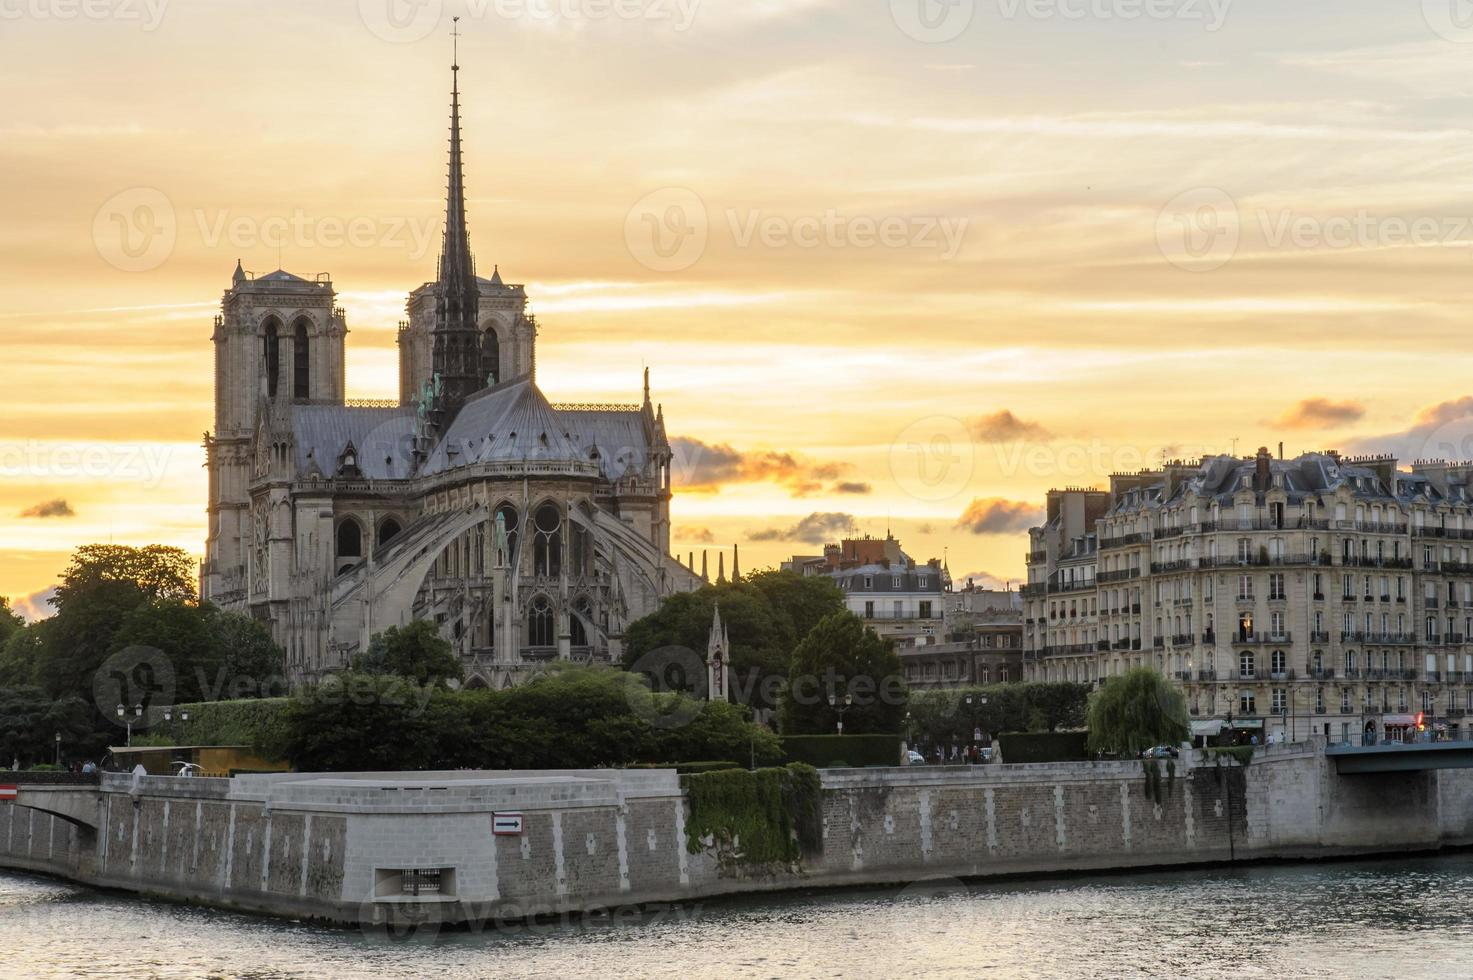 natt utsikt över Notre Dame de Paris domkyrka foto